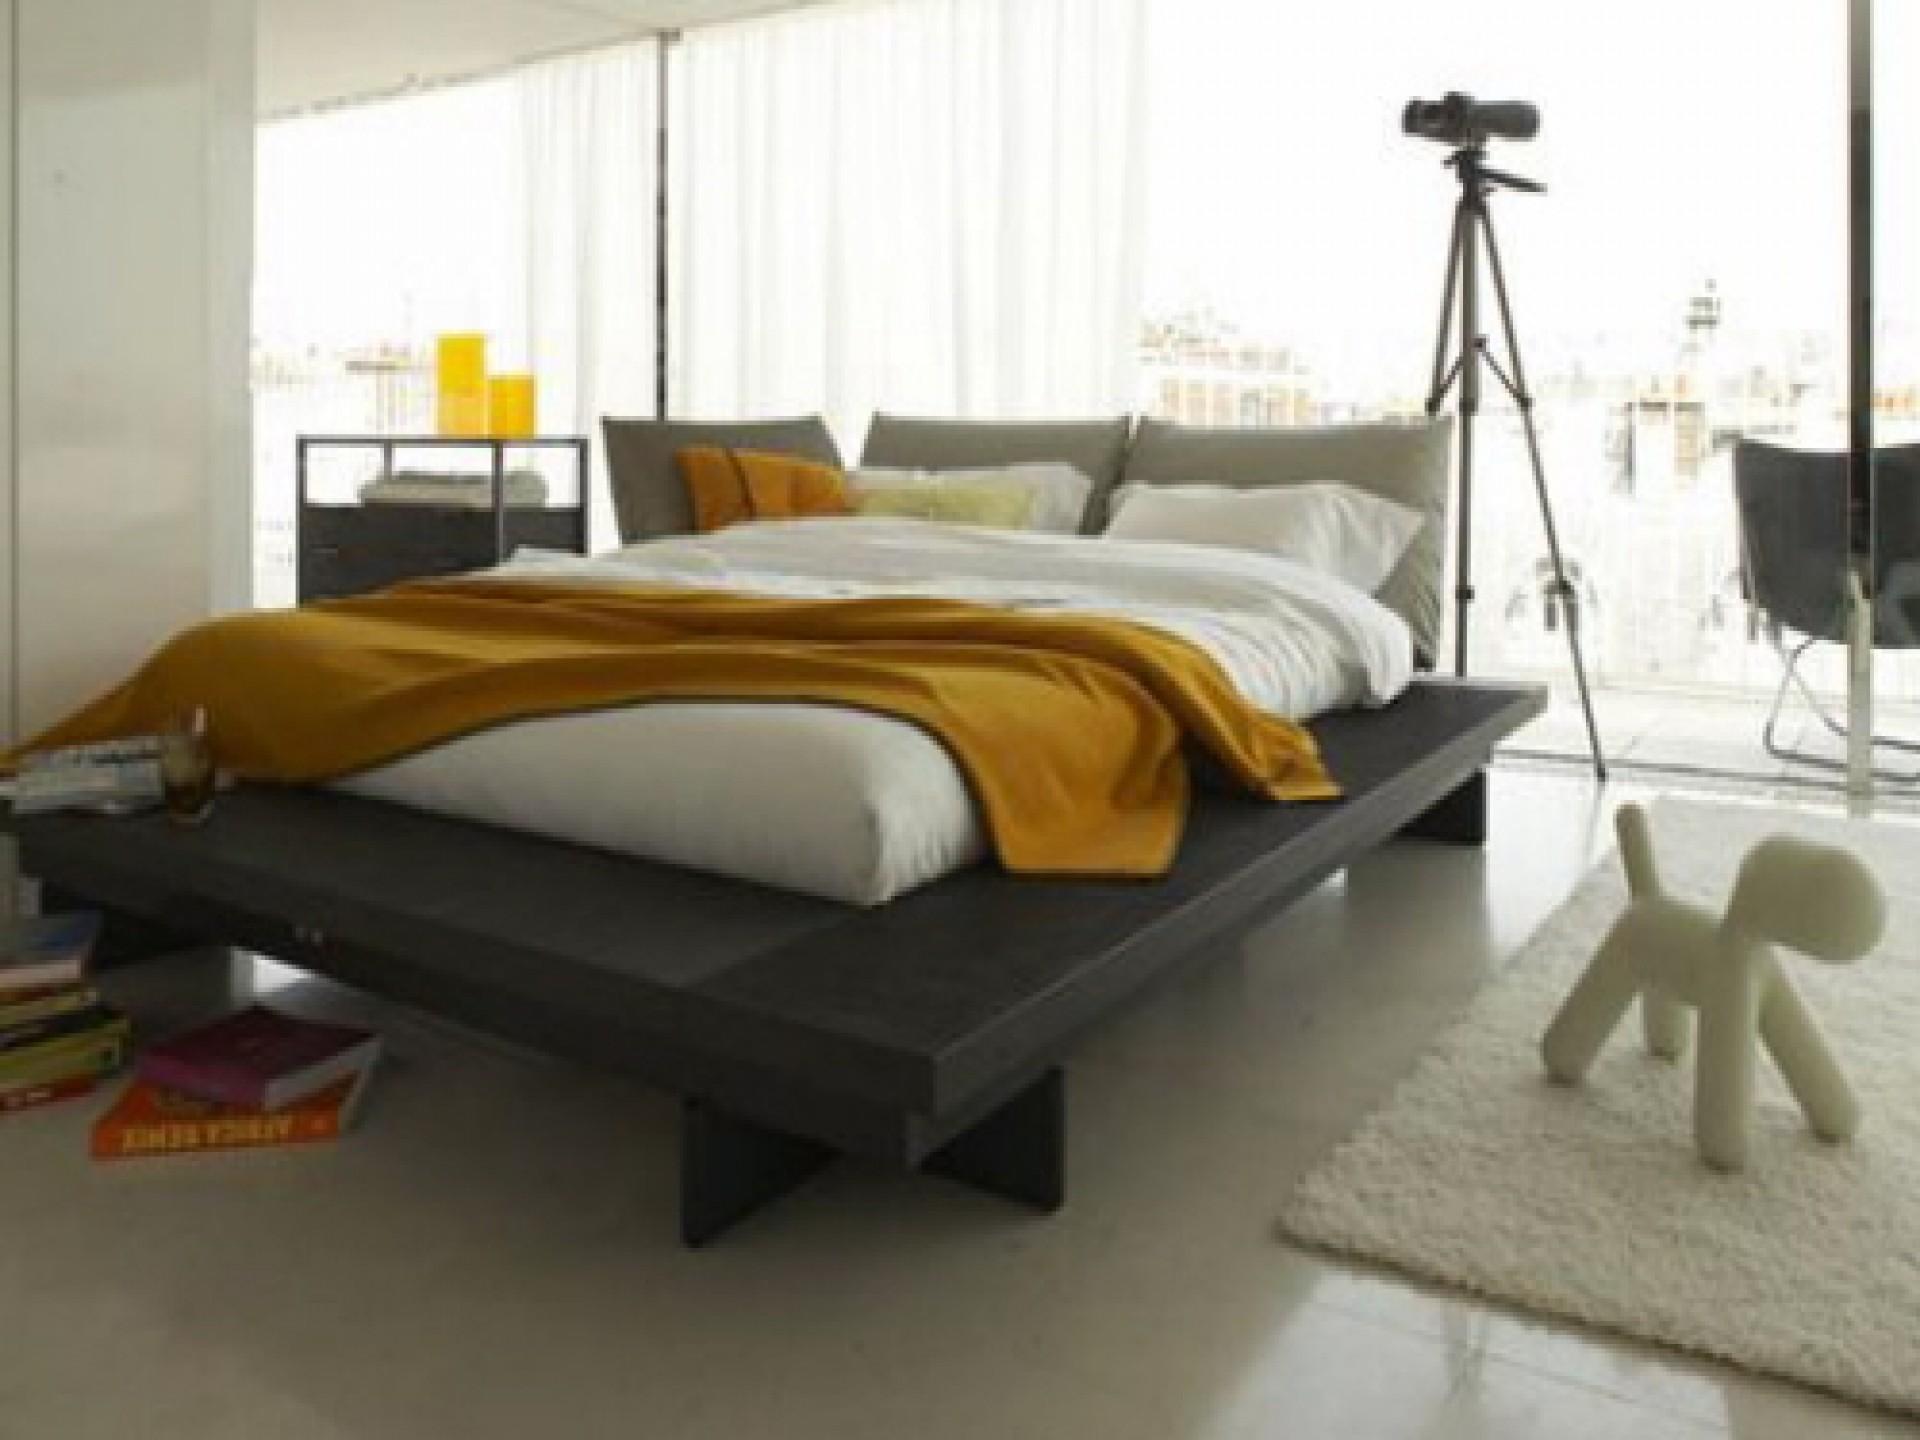 Full Size of Ikea Betten Schubladen Bett Mit 160x200 180x200 140x200 Massivholz Gebraucht 120x200 Schublade Malm King Size Plattform Design Fenster Rolladenkasten Bett Betten Mit Schubladen